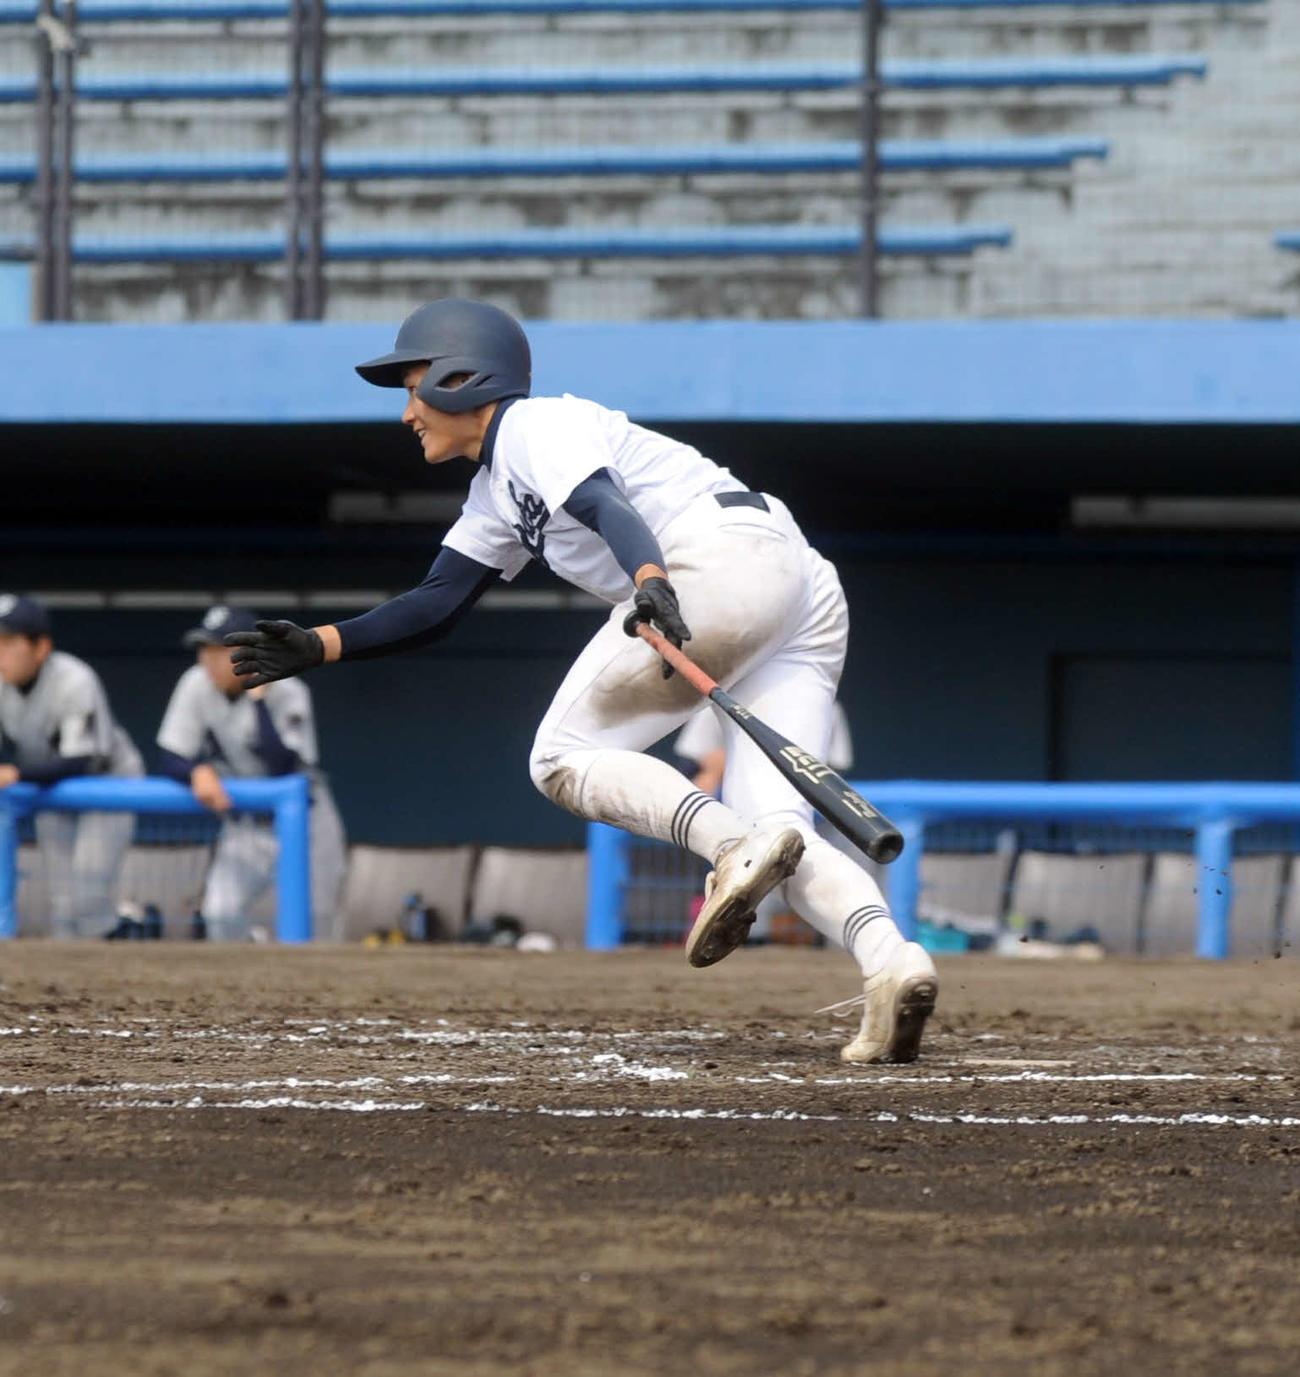 8回に決勝打を放った静岡高の渋谷